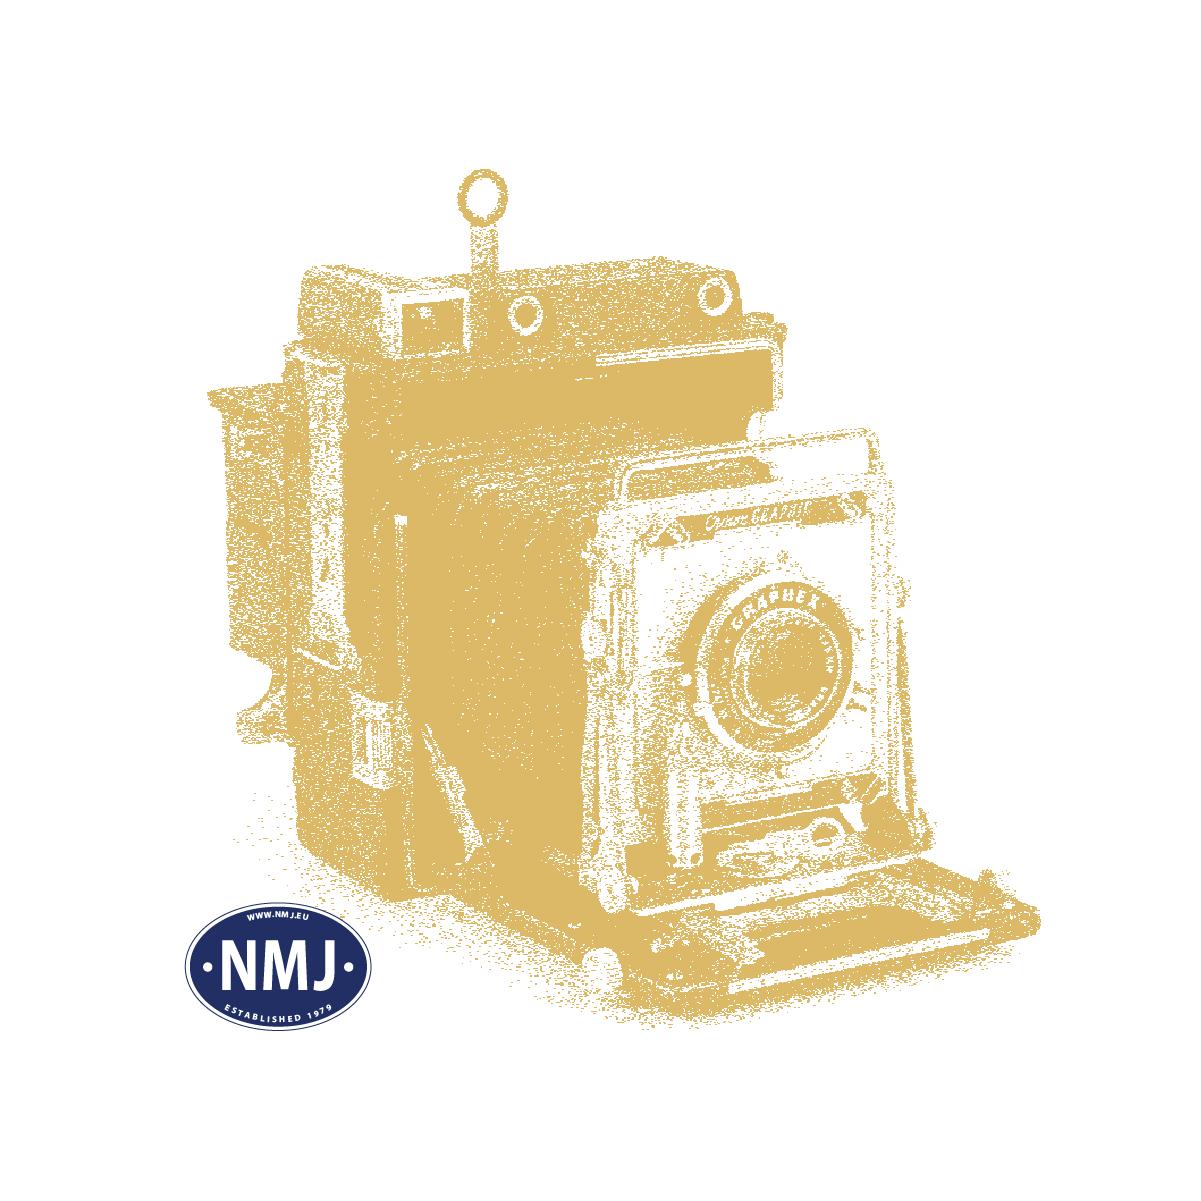 NMJS68A-2 - NMJ Superline NSB BM 68A, Gml. Des., sen utgave, 3-vognsett